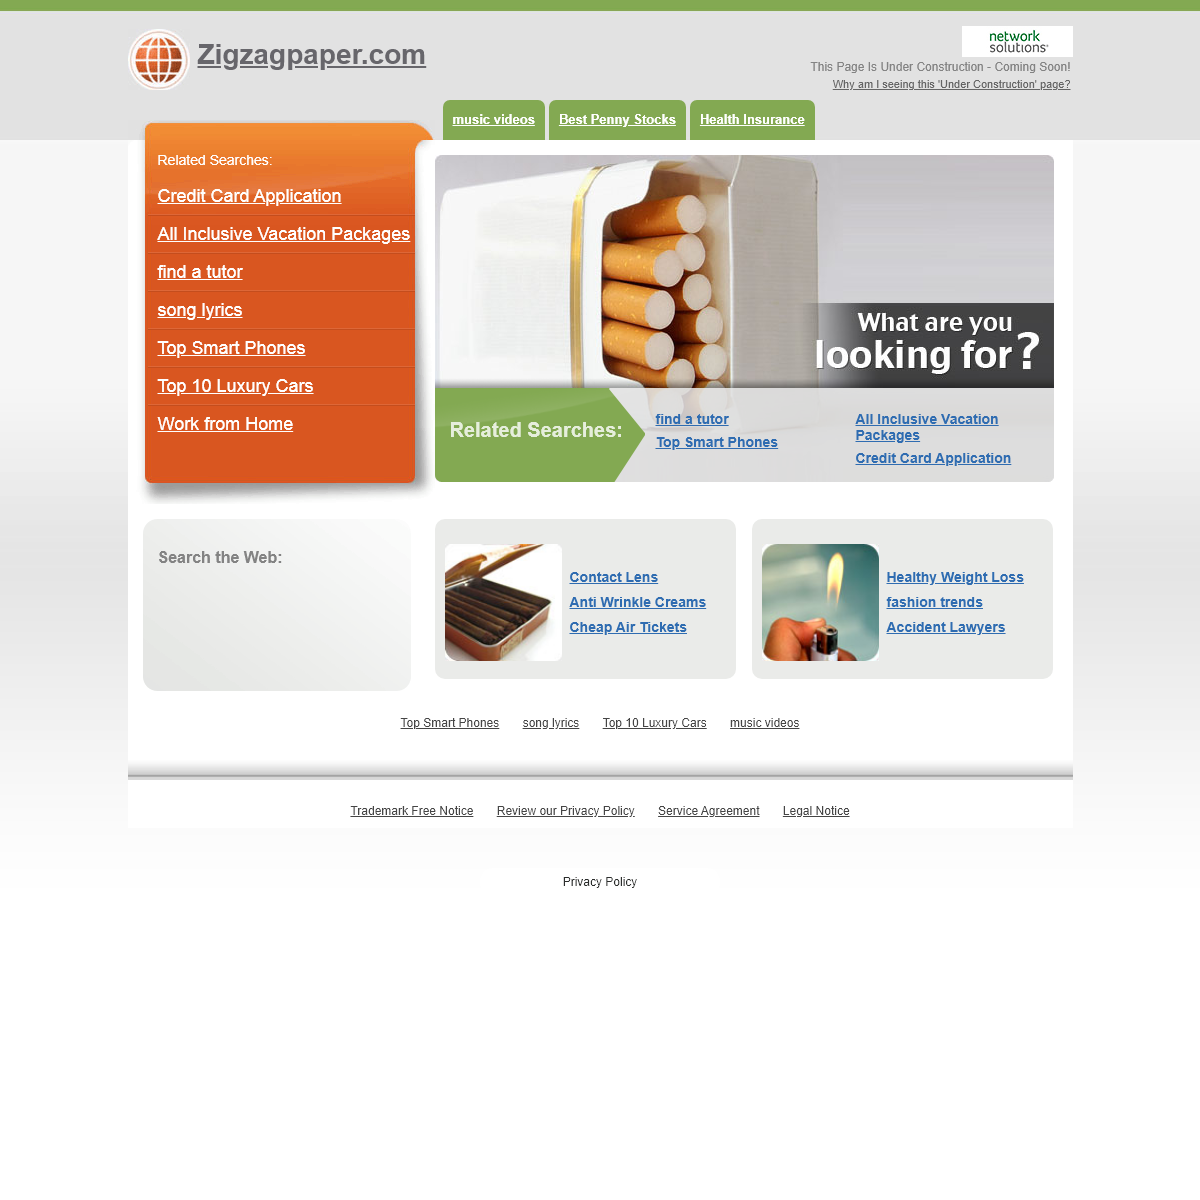 Zigzagpaper.com